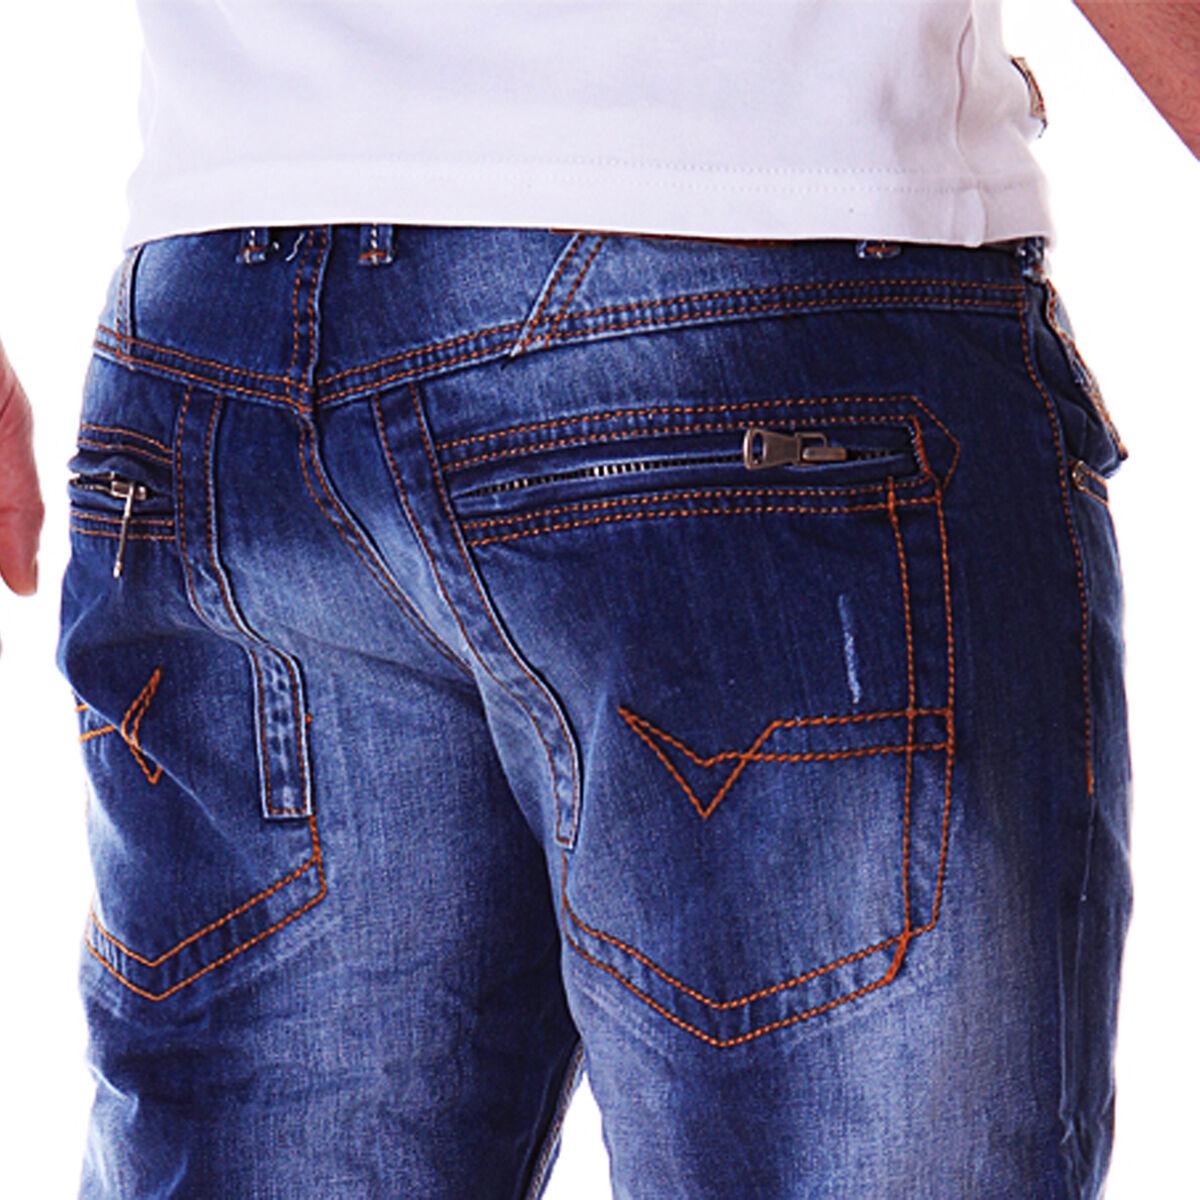 Zahida Jeans Uomo Jeans Denim Stile Stile Stile Blu Vestiti da Discoteca Vintage J1.3 1759 28f559